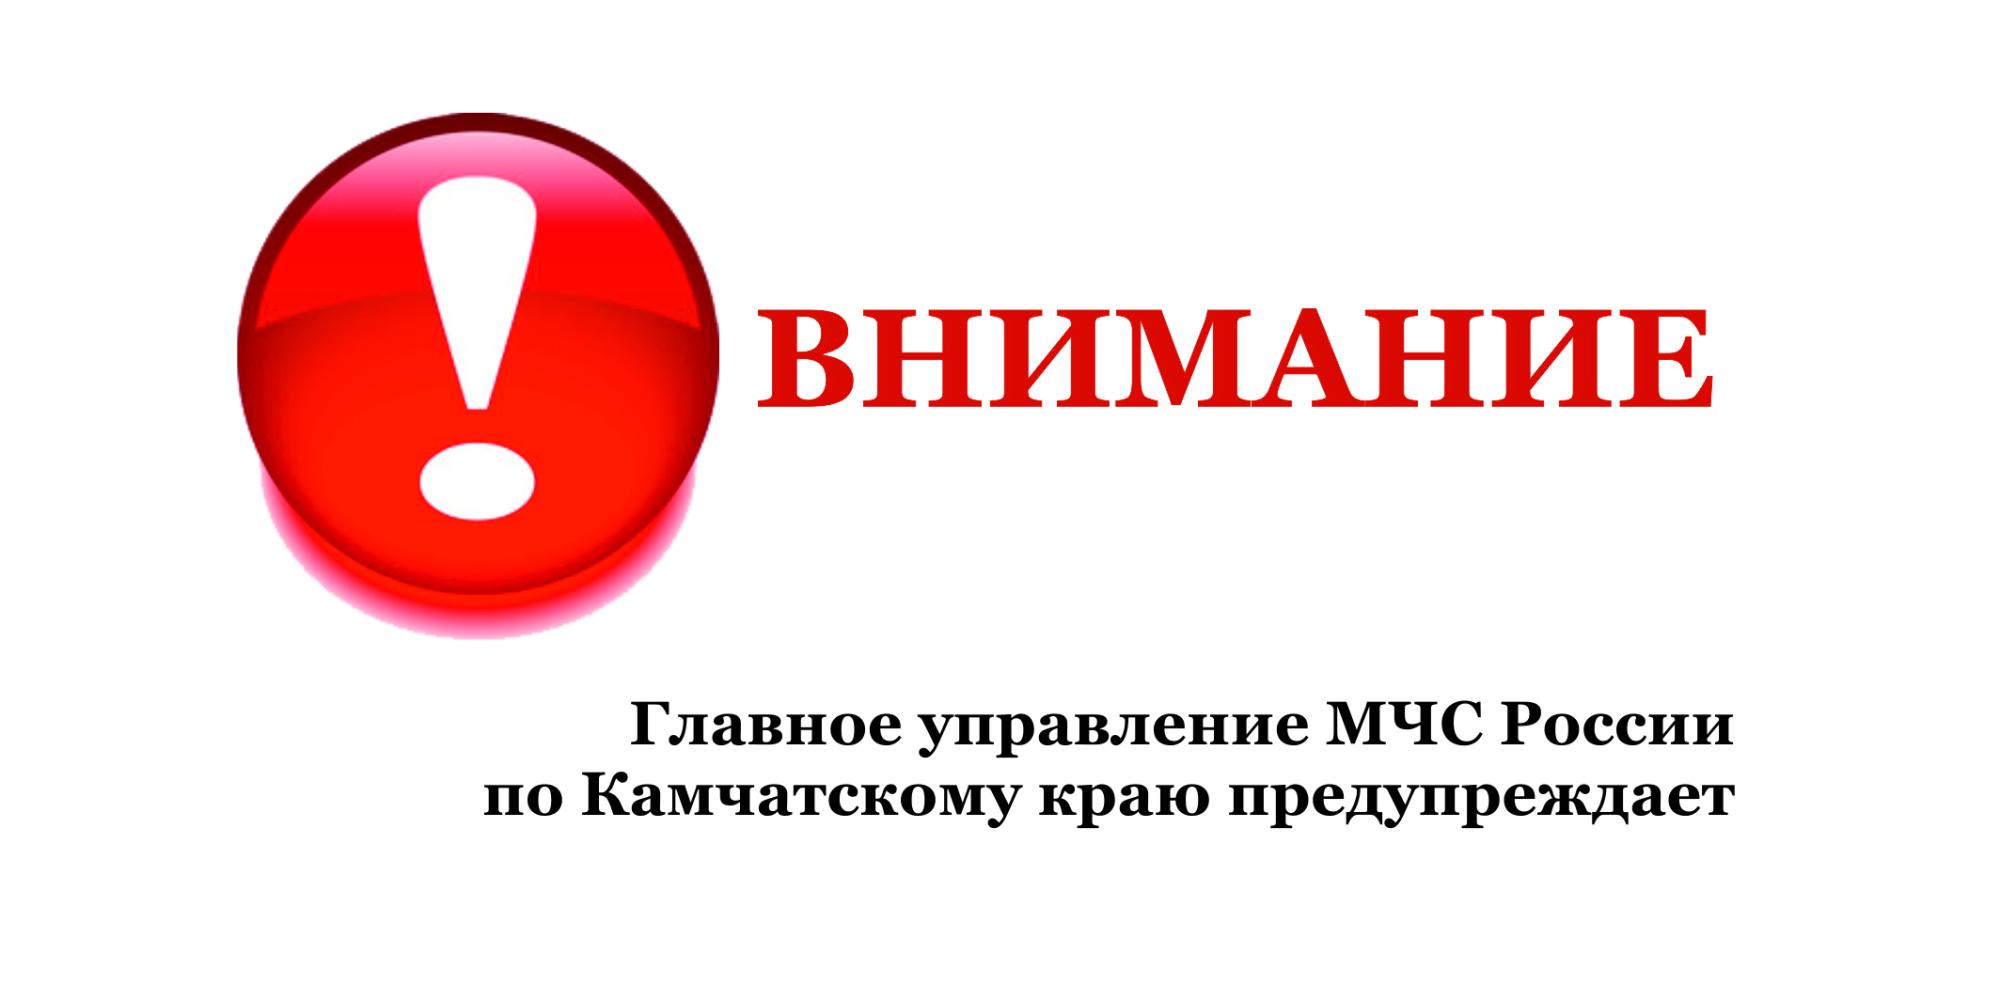 В Мильковском районе сохраняется высокий (IV) класс пожарной опасности